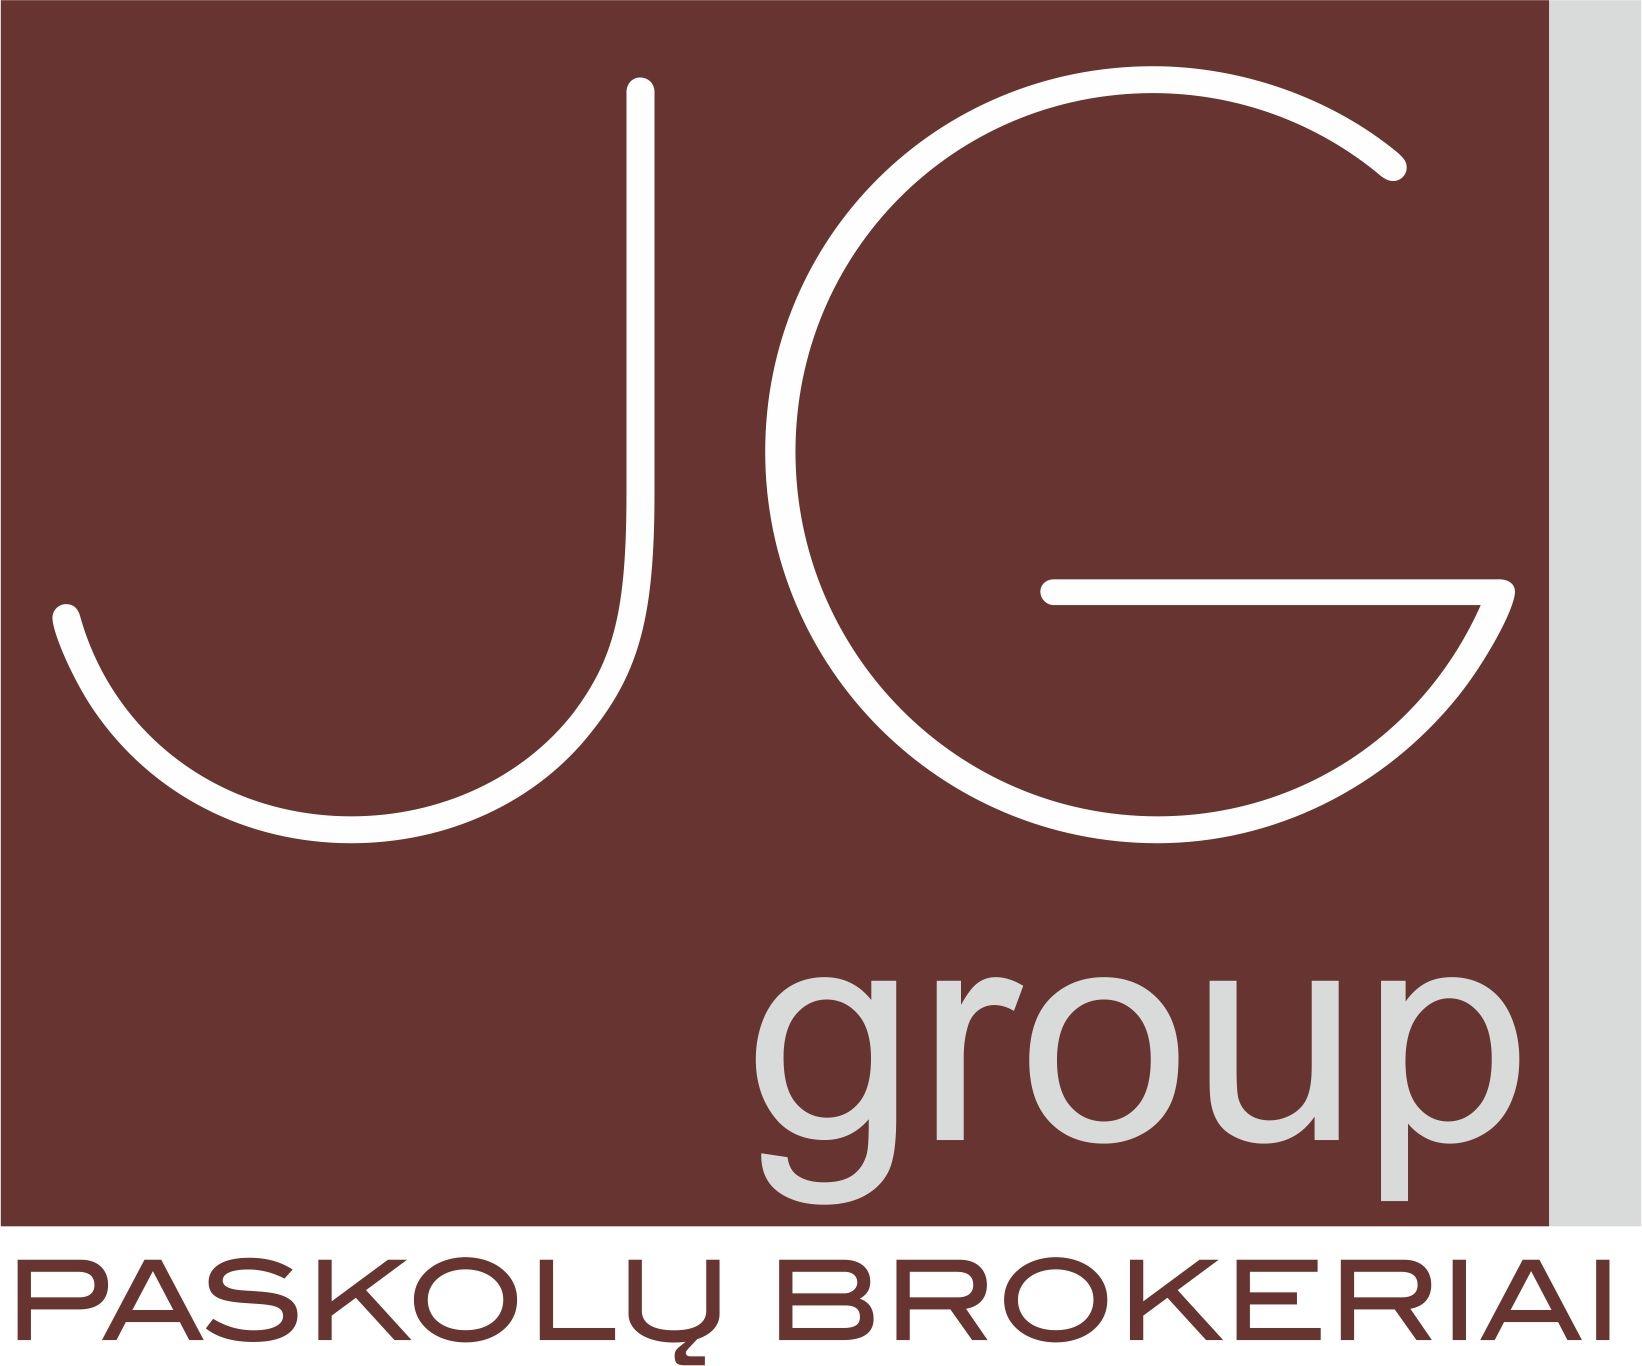 """Paskolų brokeriai """"JG Group"""""""